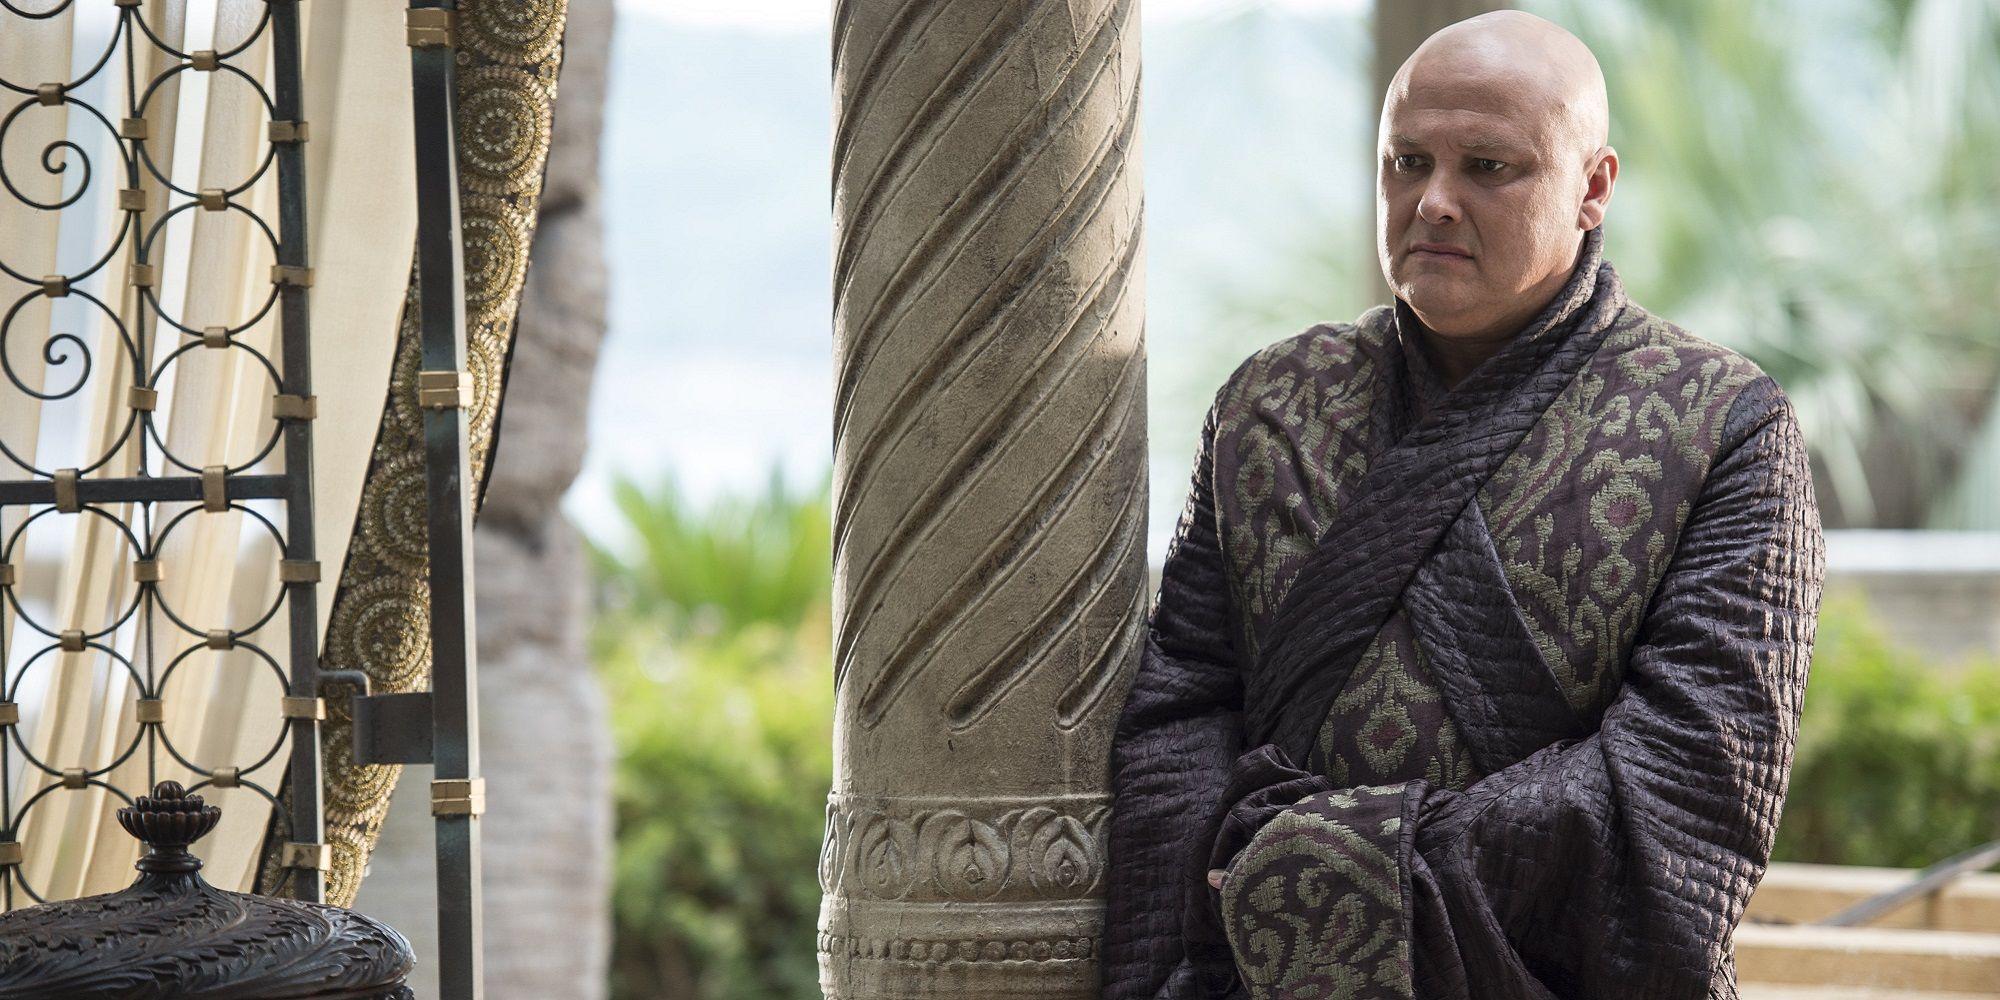 Lord-Varys-in-Game-of-Thrones.jpg